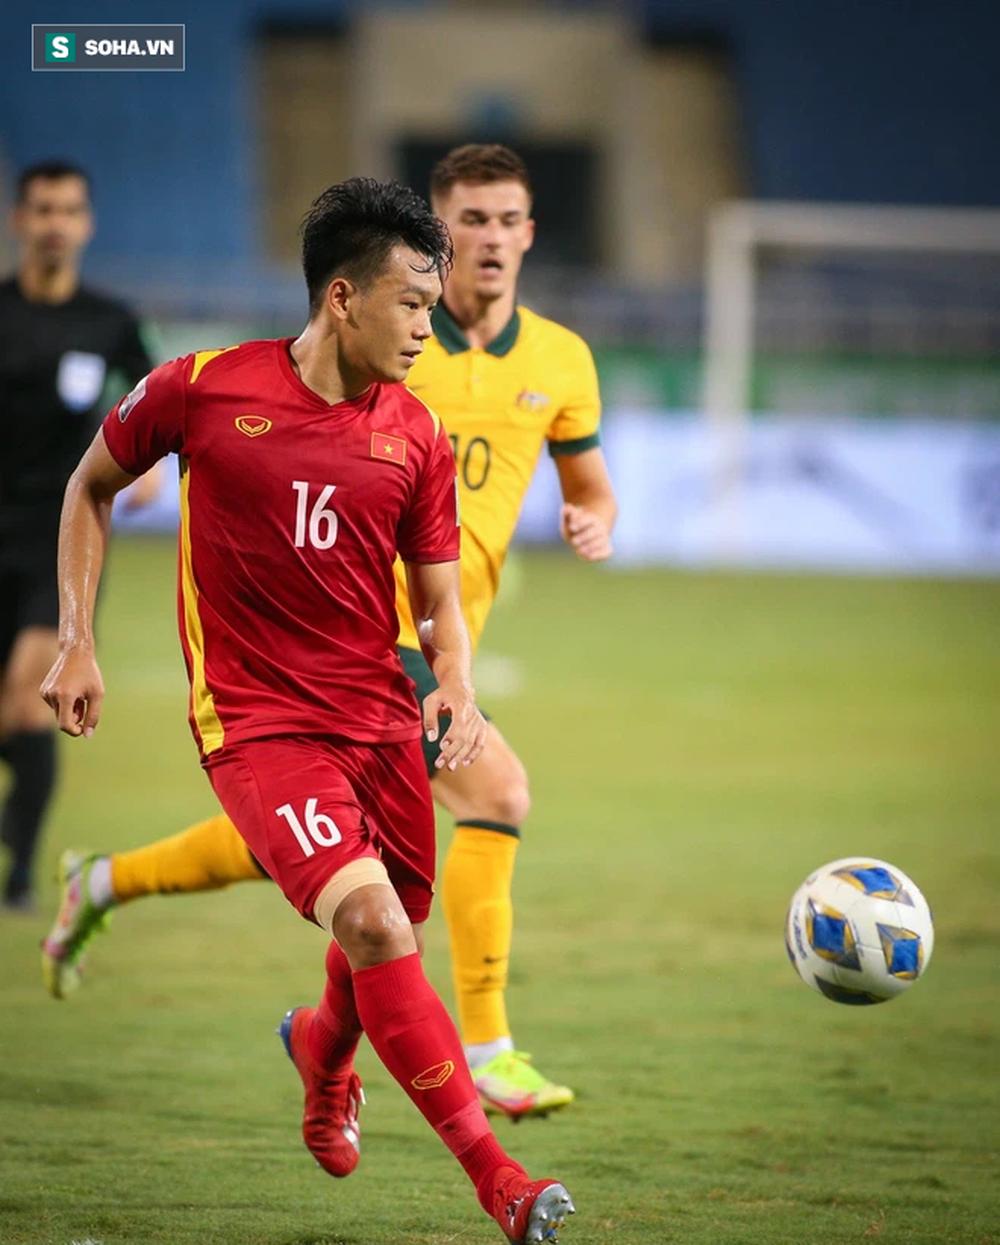 NÓNG: Thầy Park nhận tin dữ, trung vệ ĐT Việt Nam chấn thương nặng sau trận gặp Australia - Ảnh 1.